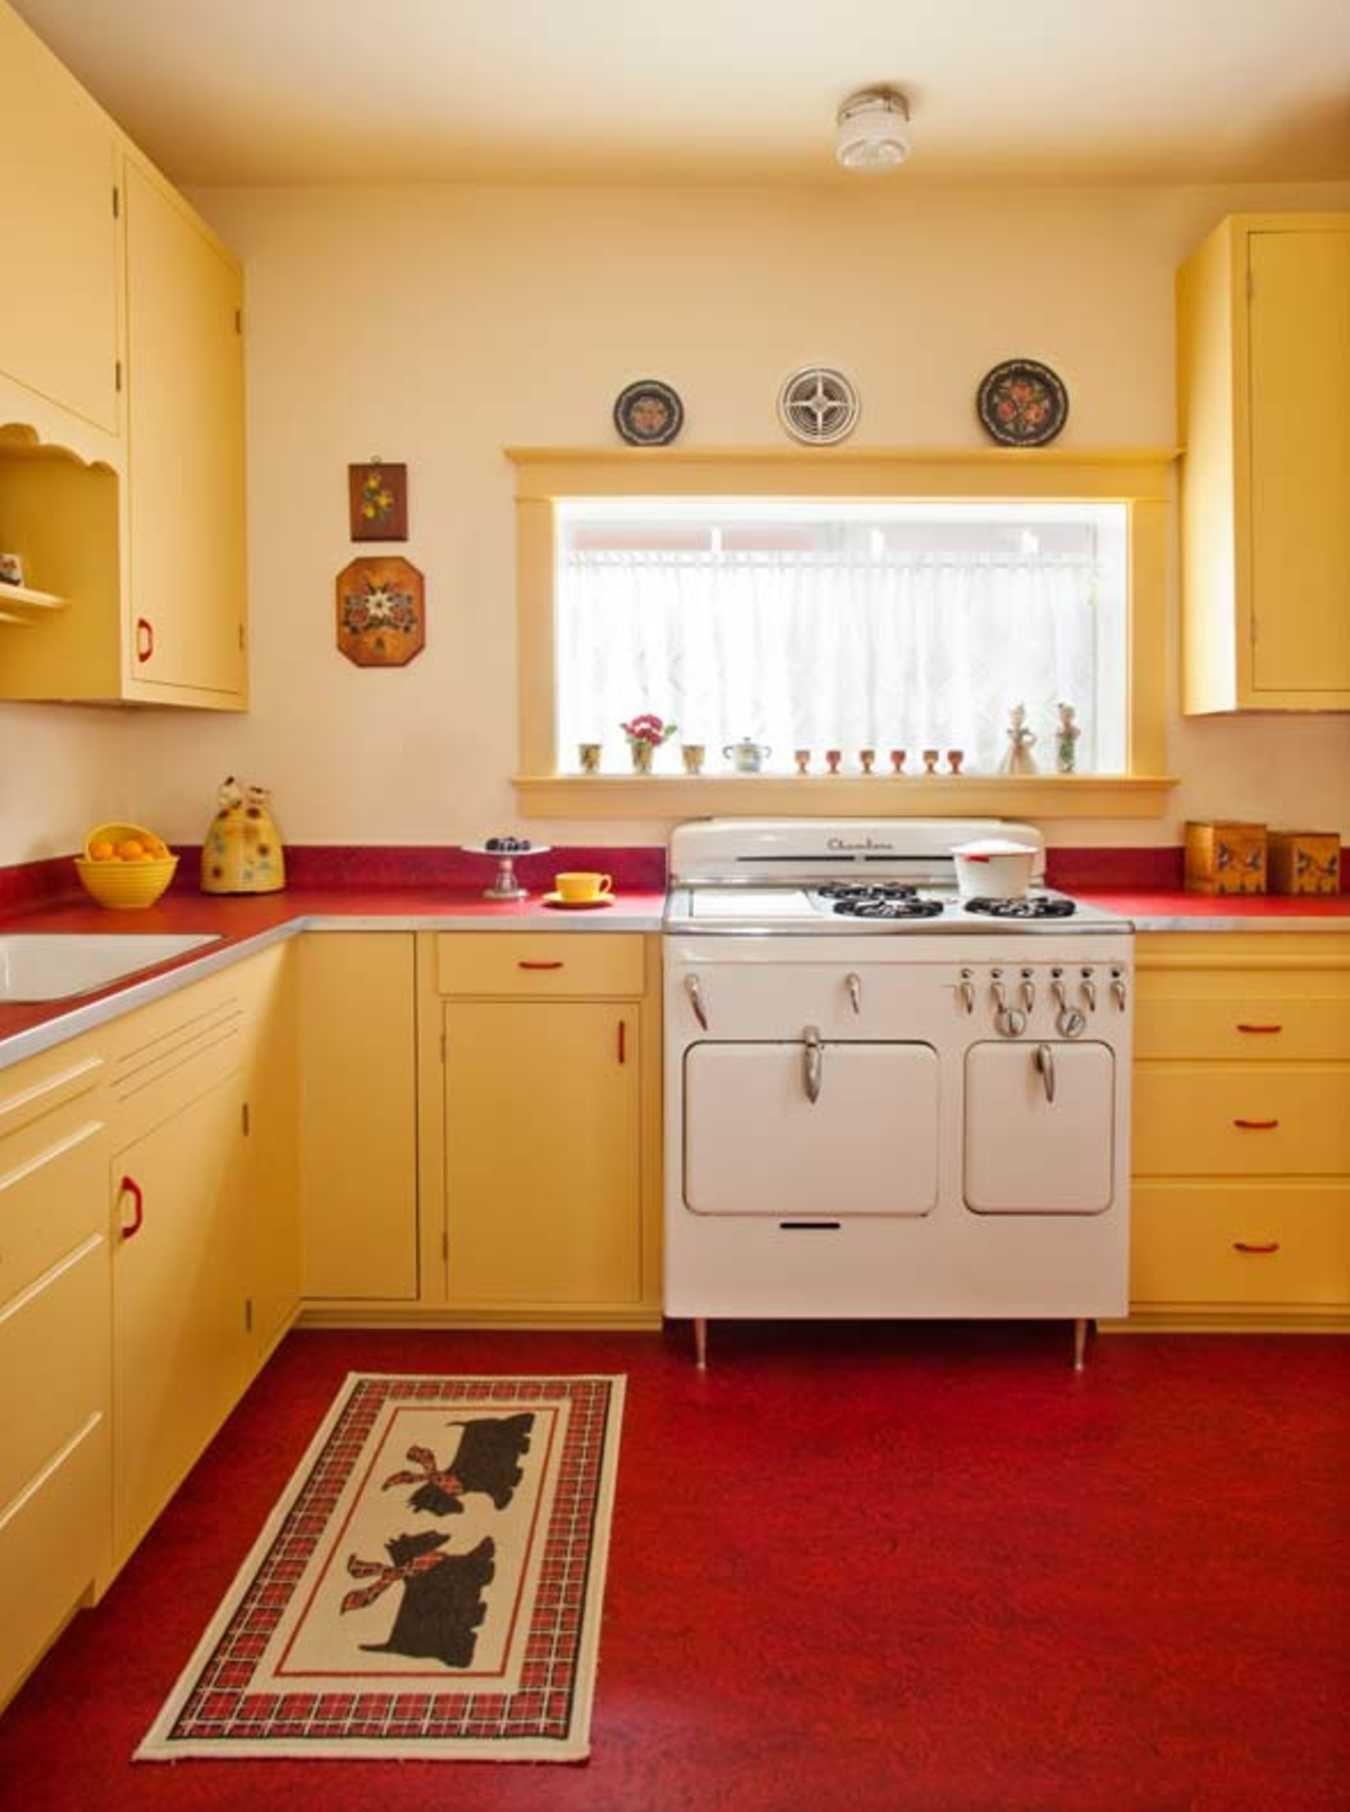 Designing A Retro 1940s Kitchen Kitchen Redesign Kitchen Cabinet Styles 1940s Kitchen